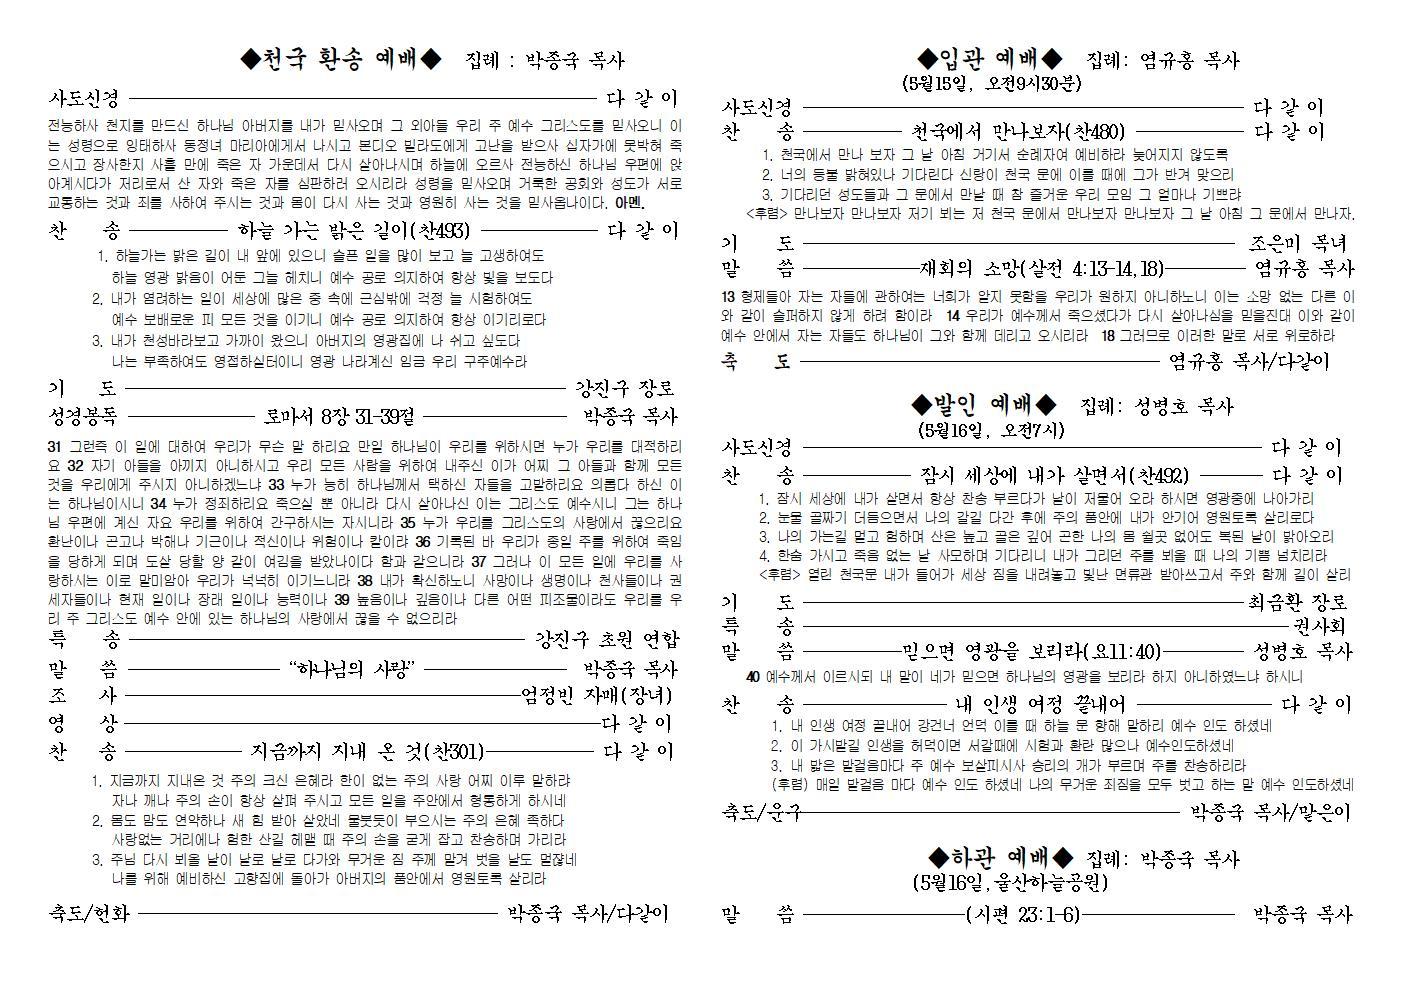 김병숙 집사(엄정빈정원모친) 천국환송예배002.jpg